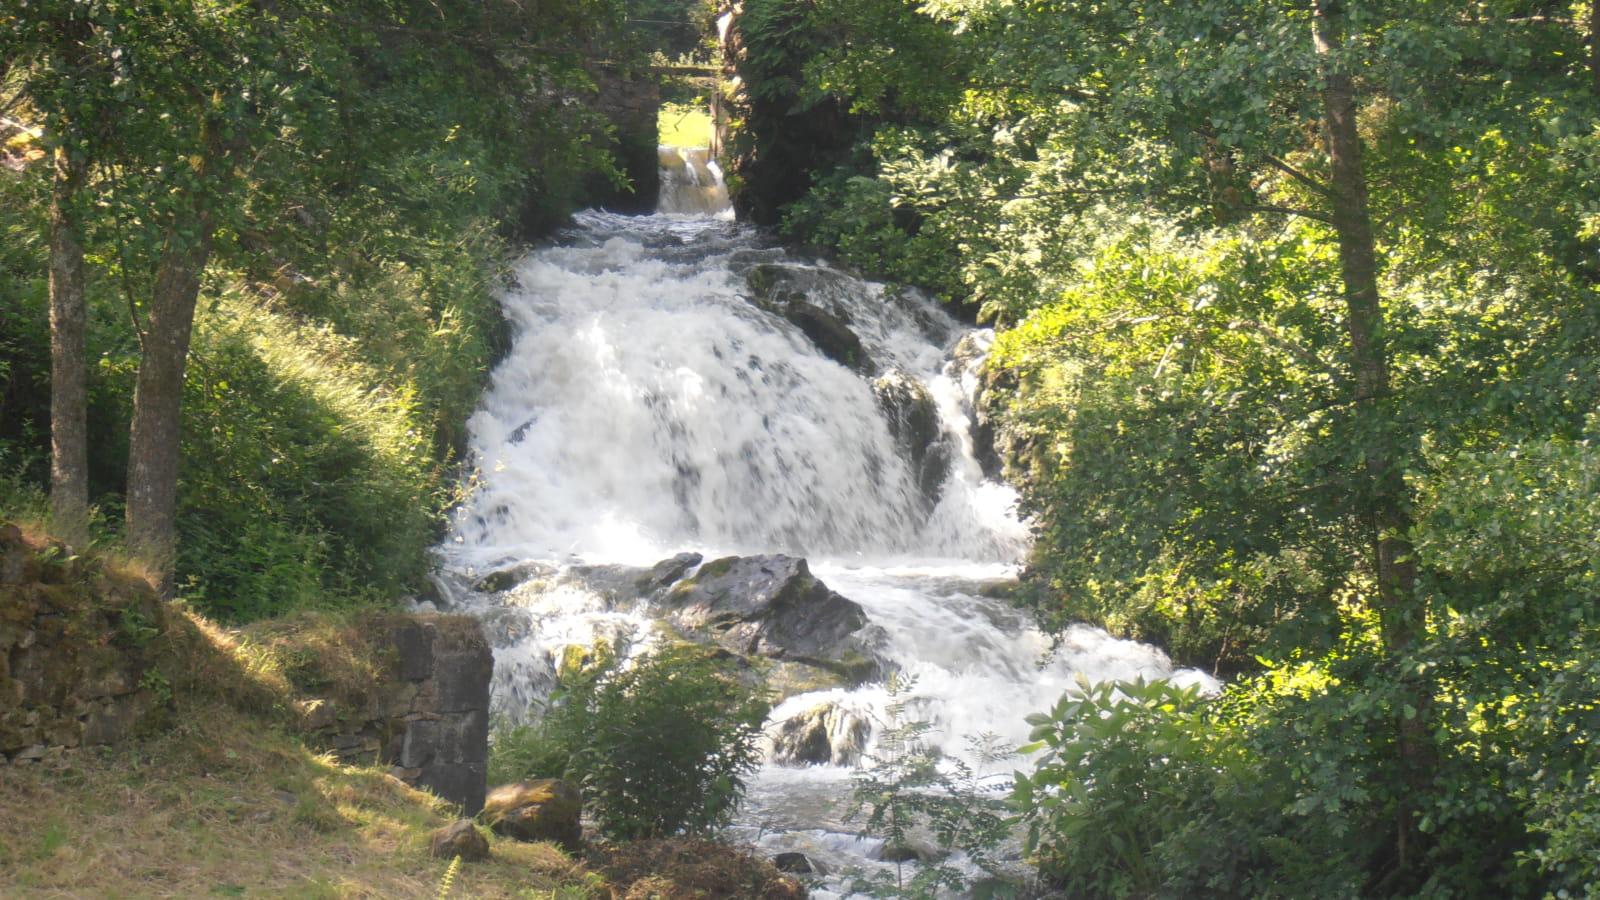 Randonnée dans la forêt Domaniale de la Chartreuse